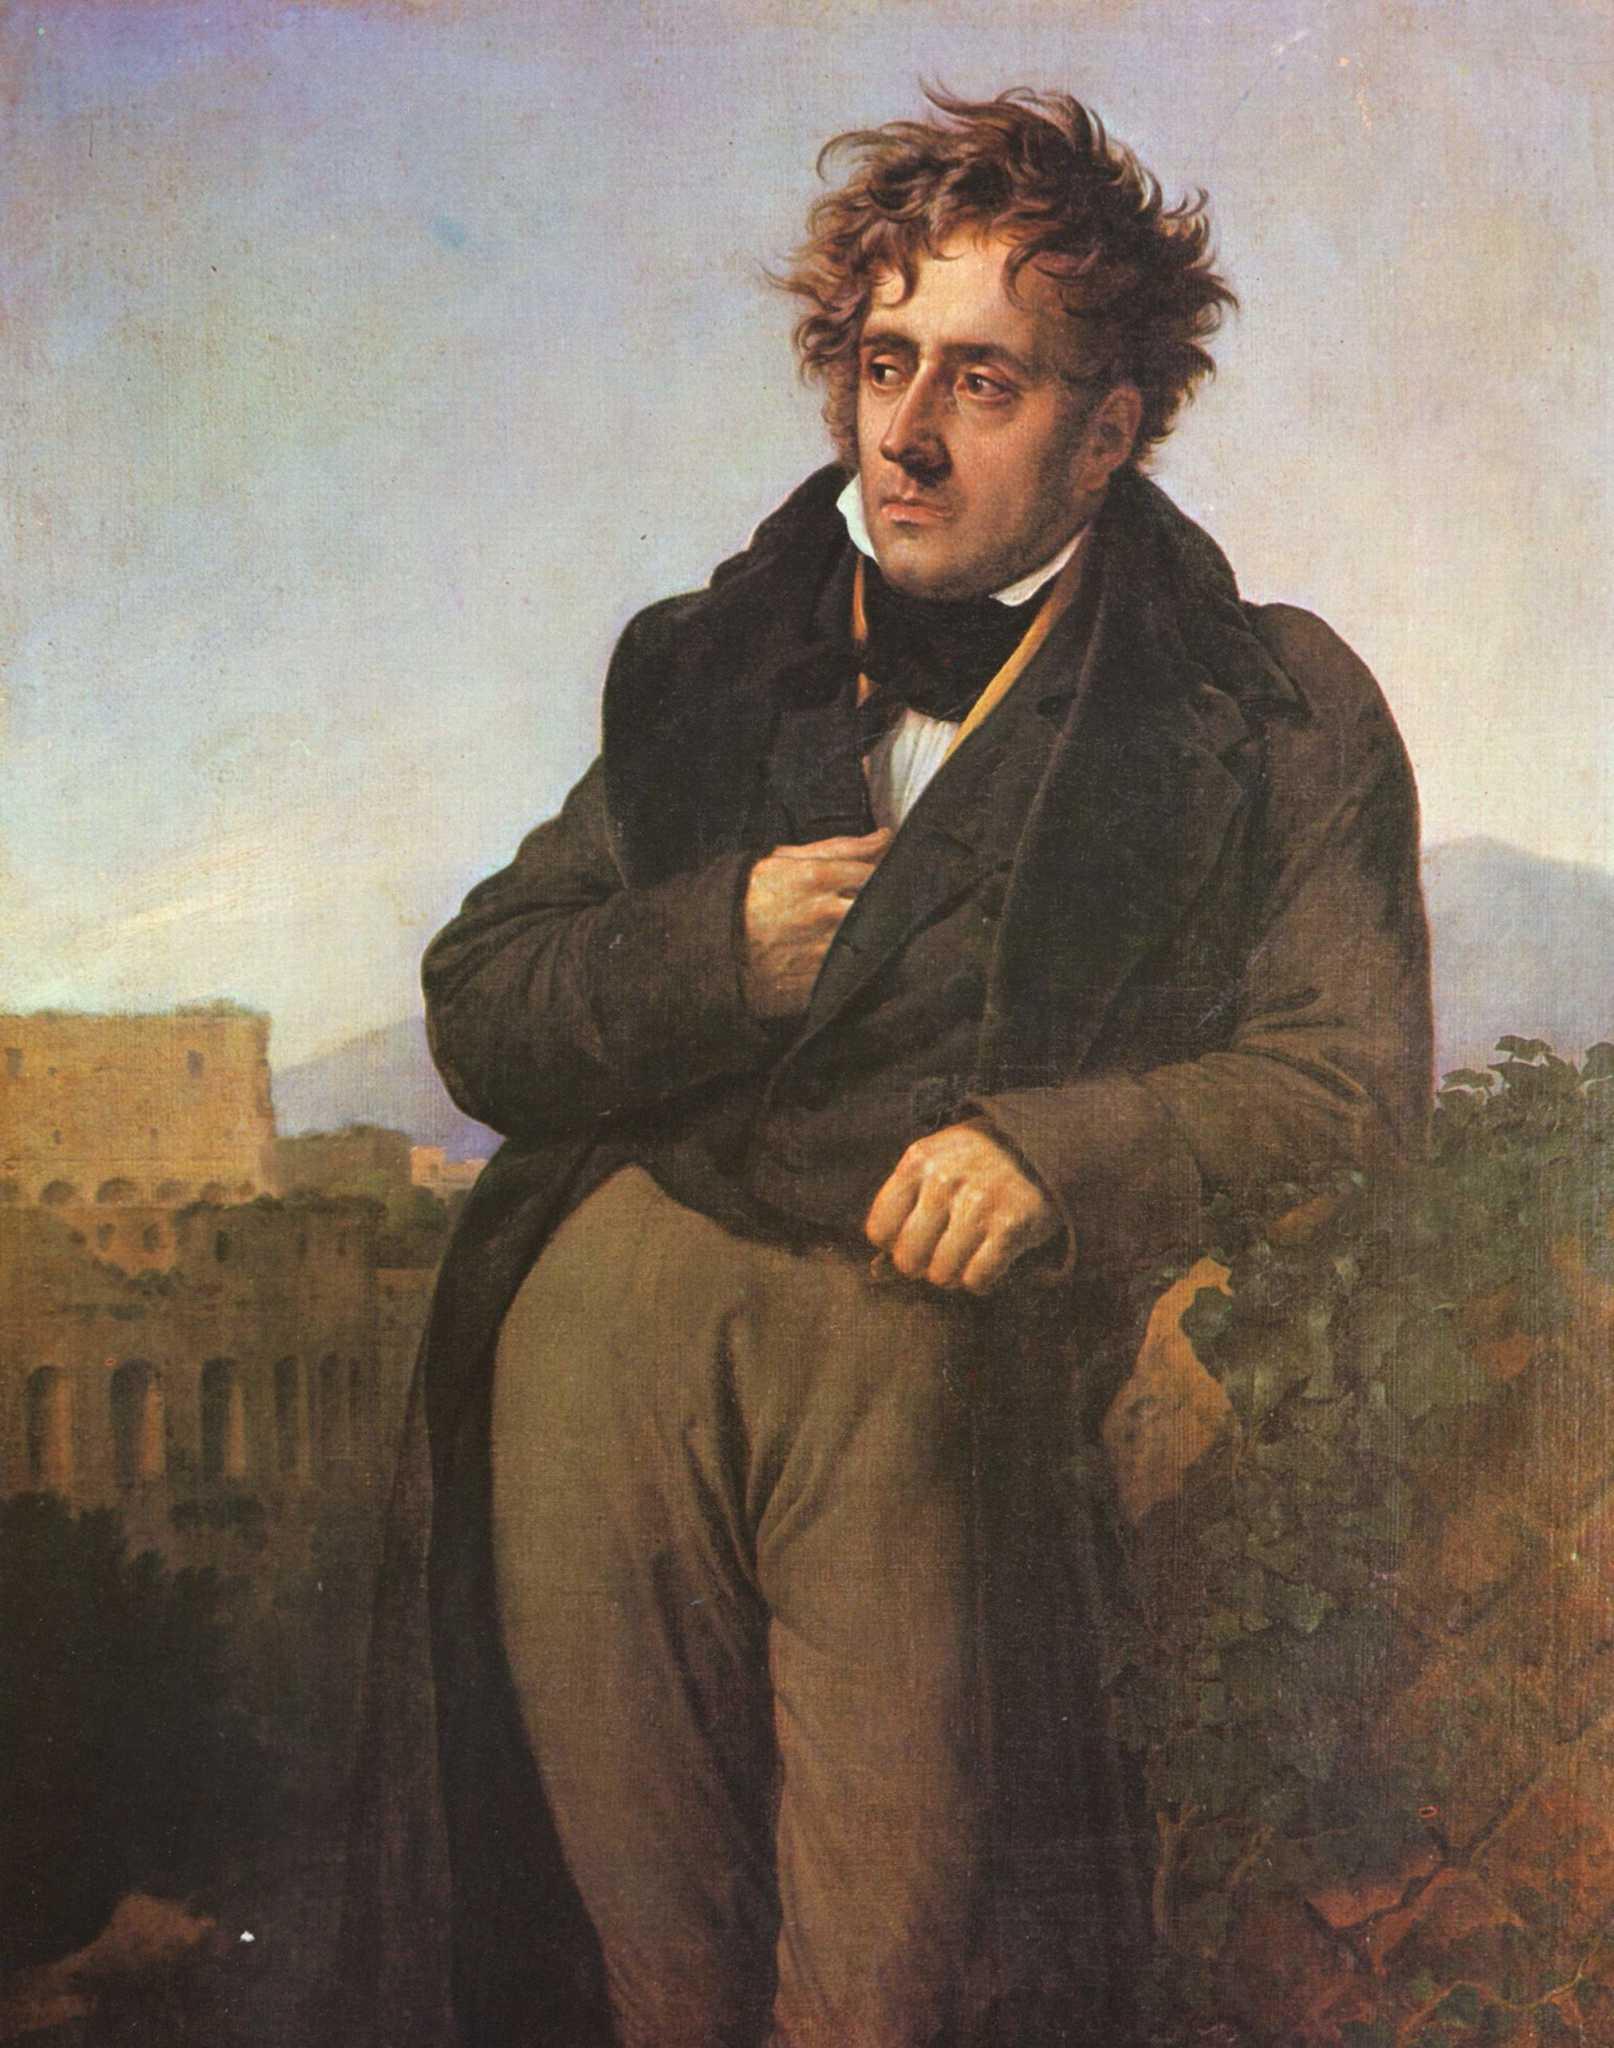 Portrait de Chateaubriand méditant sur les ruines de Rome par Anne-Louis Girodet de Roussy-Trioson vers 1809 Musée d'Histoire de la Ville et du Pays Malouin